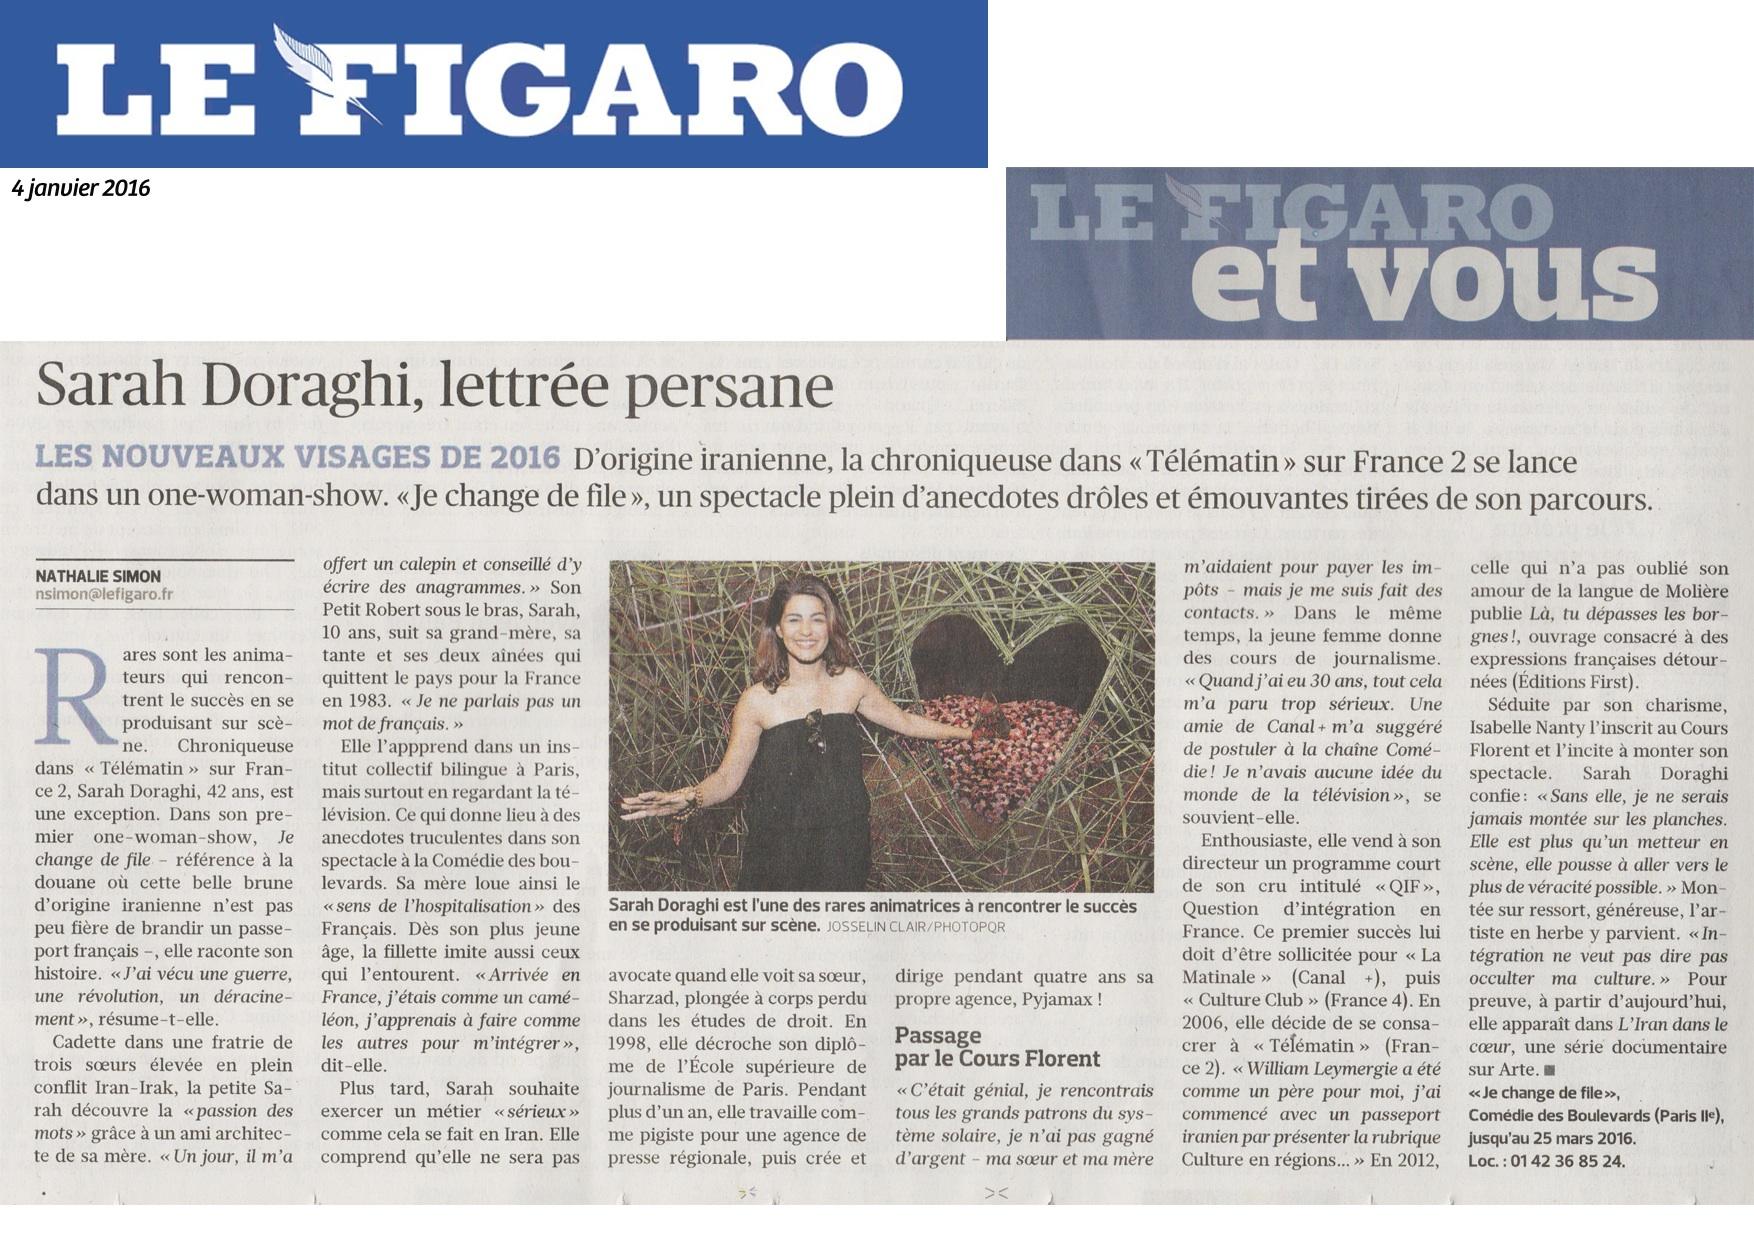 Le Figaro 04.01.16